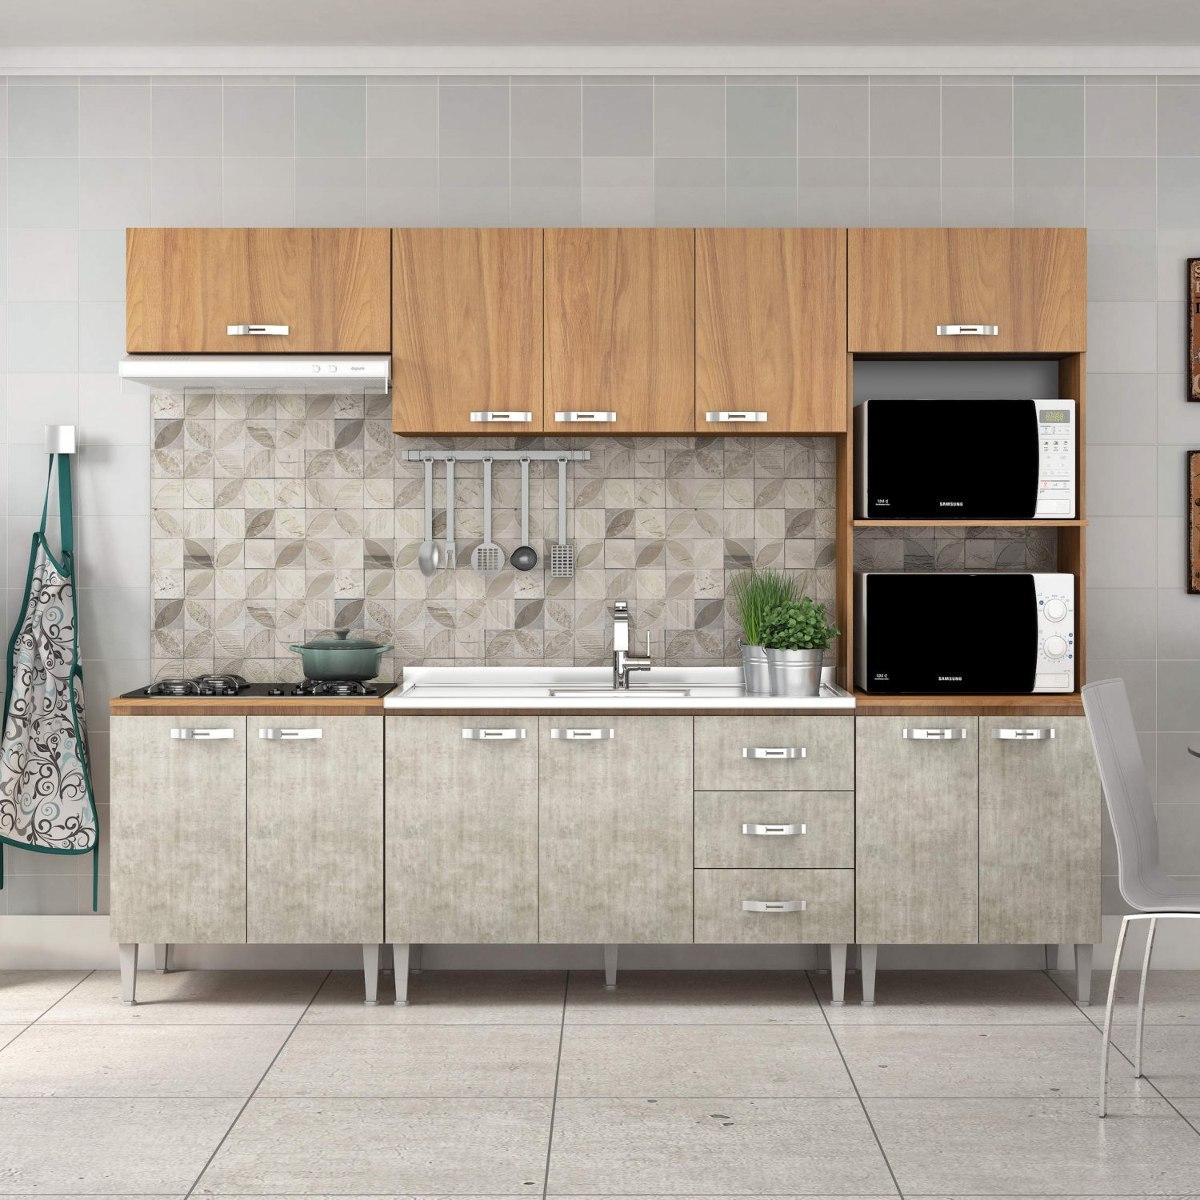 Cozinha Completa Com Balc O Sem Pia 5 Pe As 11 Dj R 929 90 Em